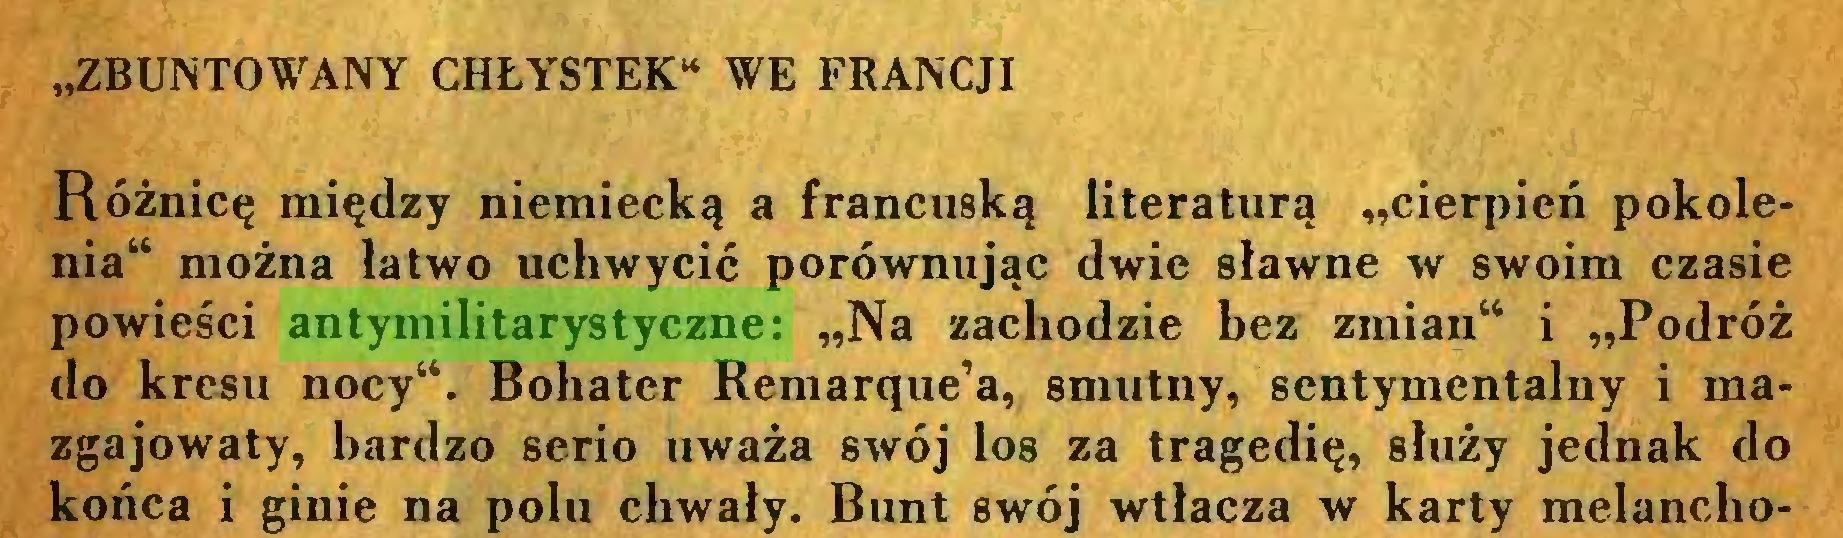 """(...) """"ZBUNTOWANY CHŁYSTEK* WE FRANCJI Różnicę między niemiecką a francuską literaturą """"cierpień pokolenia"""" można łatwo uchwycić porównując dwie sławne w swoim czasie powieści antymilitarystyczne: """"Na zachodzie bez zmian44 i """"Podróż do kresu nocy"""". Bohater Remarque'a, smutny, sentymentalny i mazgajowaty, bardzo serio uważa swój los za tragedię, służy jednak do końca i ginie na polu chwały. Bunt swój wtłacza w karty melancho..."""